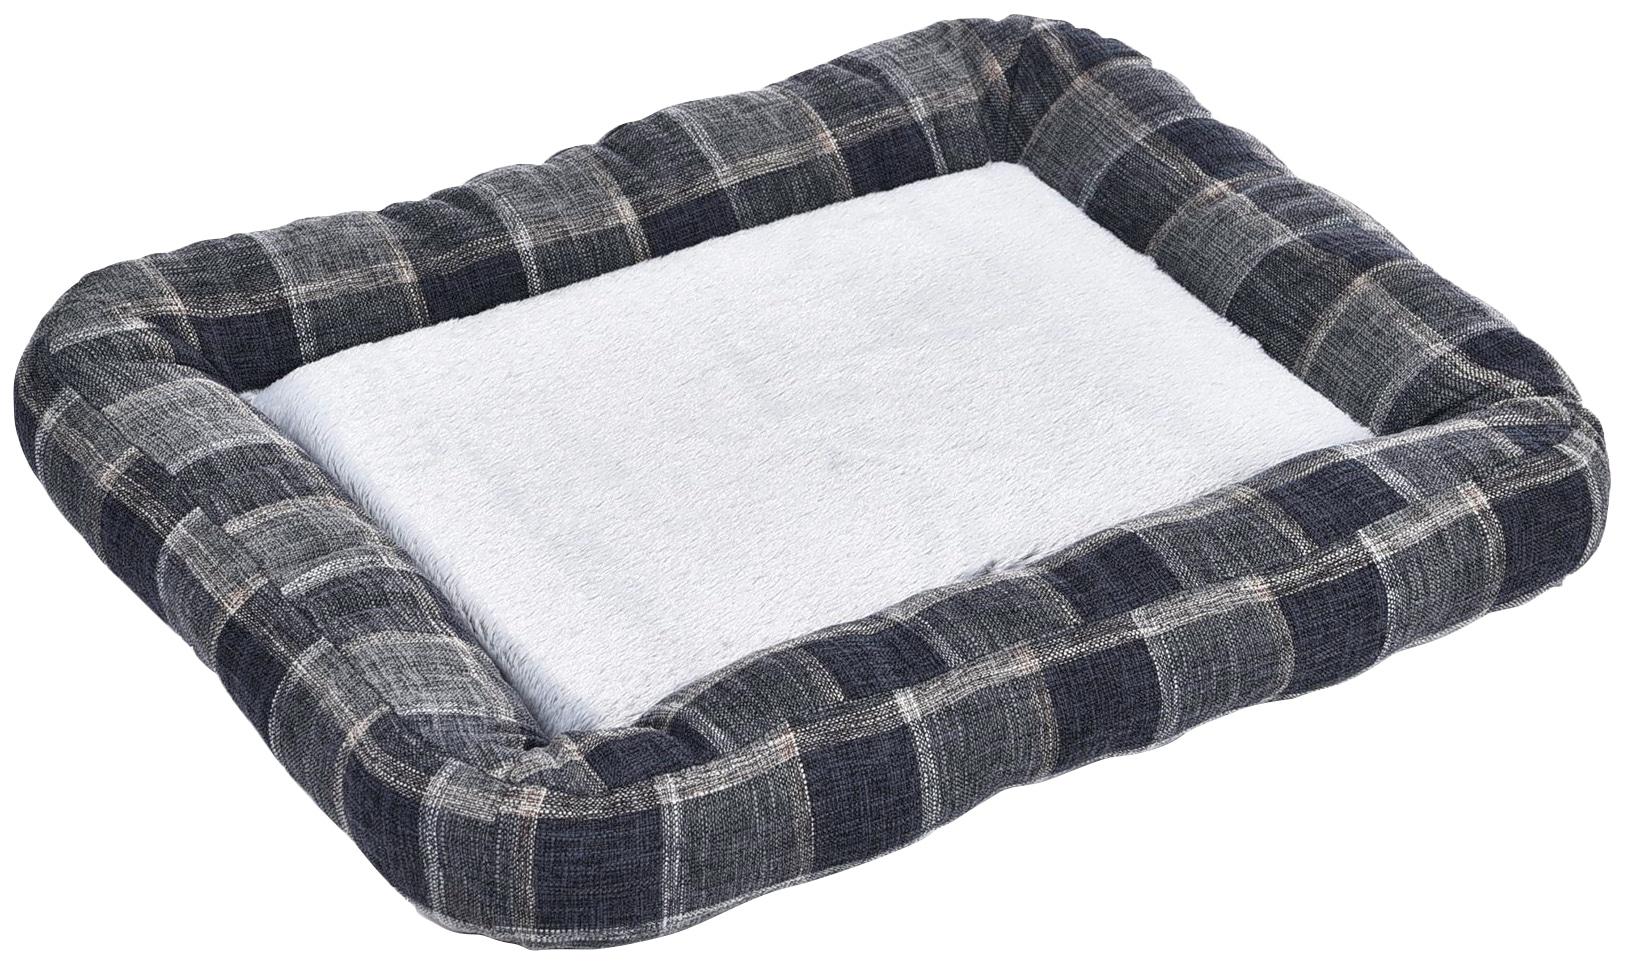 HEIM Hundebett und Katzenbett »Schottland«, verschiedene Größen | Garten > Tiermöbel > Hundekörbe-Hundebetten | HEIM